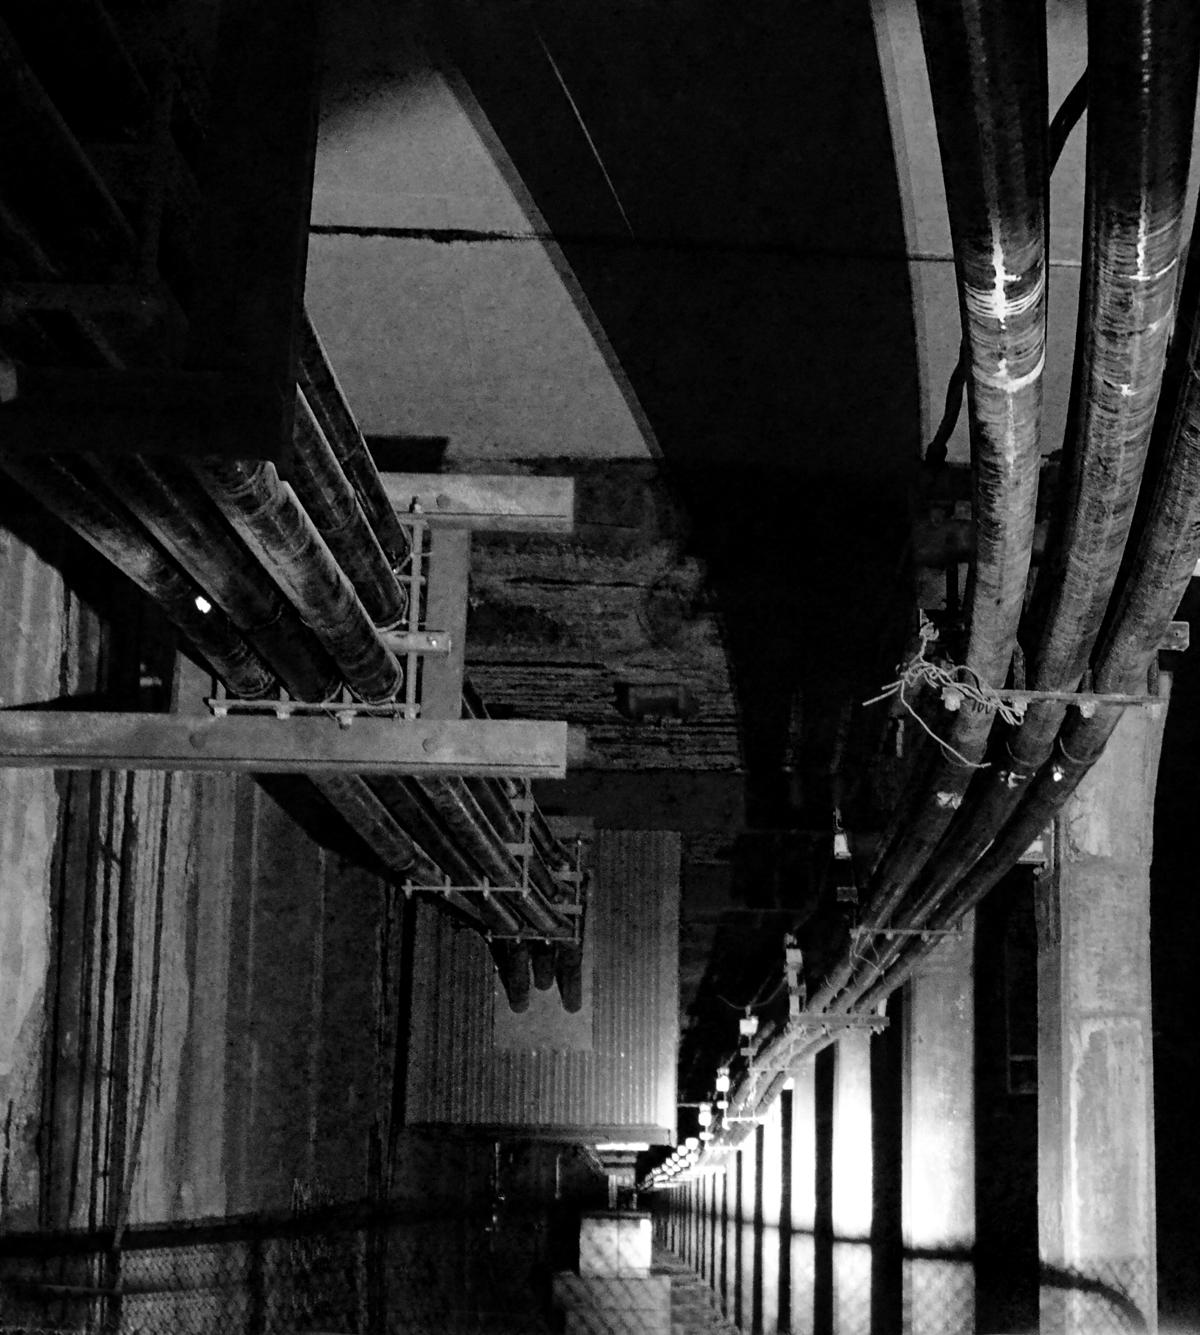 Cleveland Subway - 77 BW infared resize.jpg